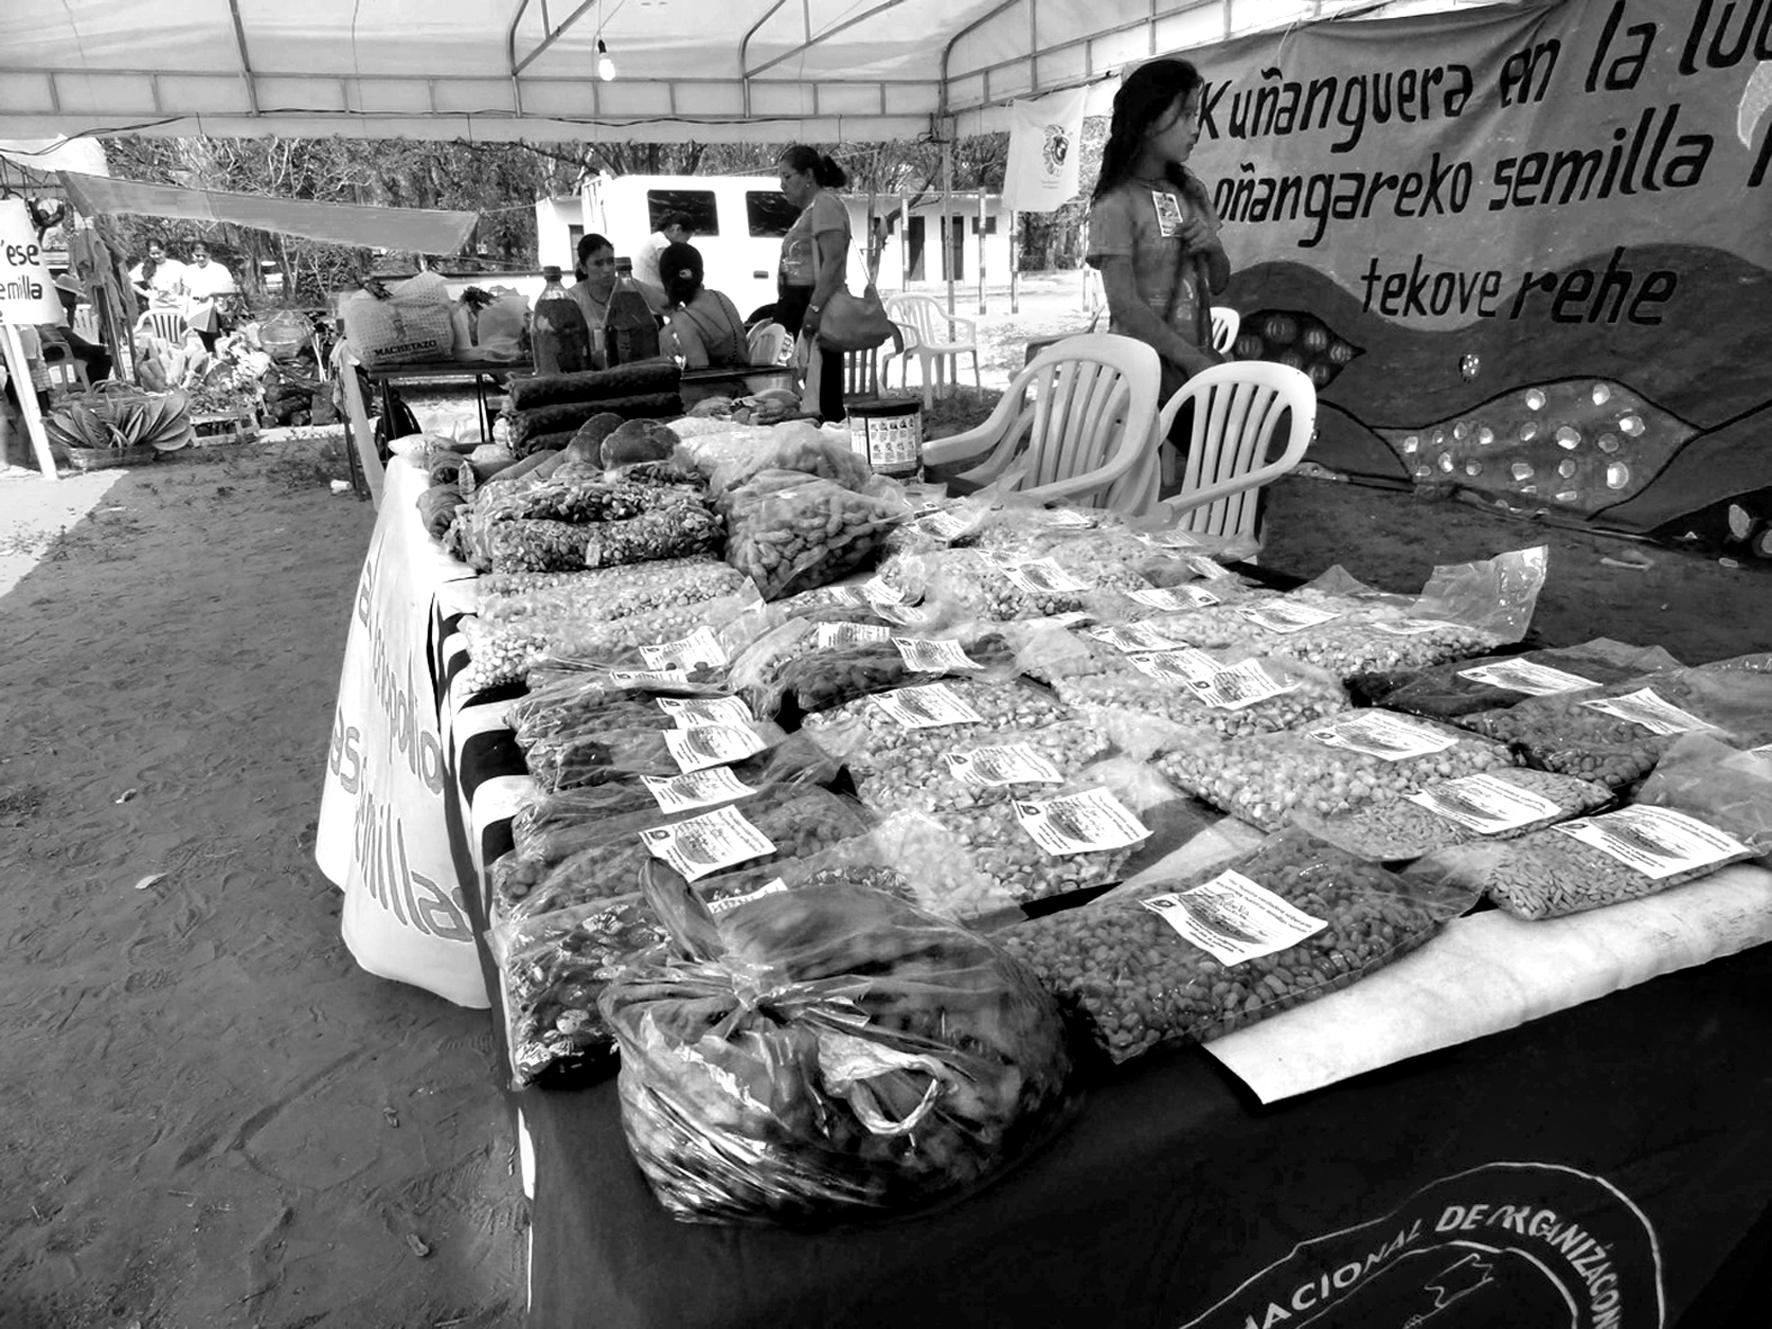 Anbau, Tausch und Verkauf von Saatgut ist für das Überleben der indigenen Bevölkerung, der Bäuerinnen und Bauern wie auch für die Ernährungssicherheit fundamental. Foto : Heñoi Jey Paraguay